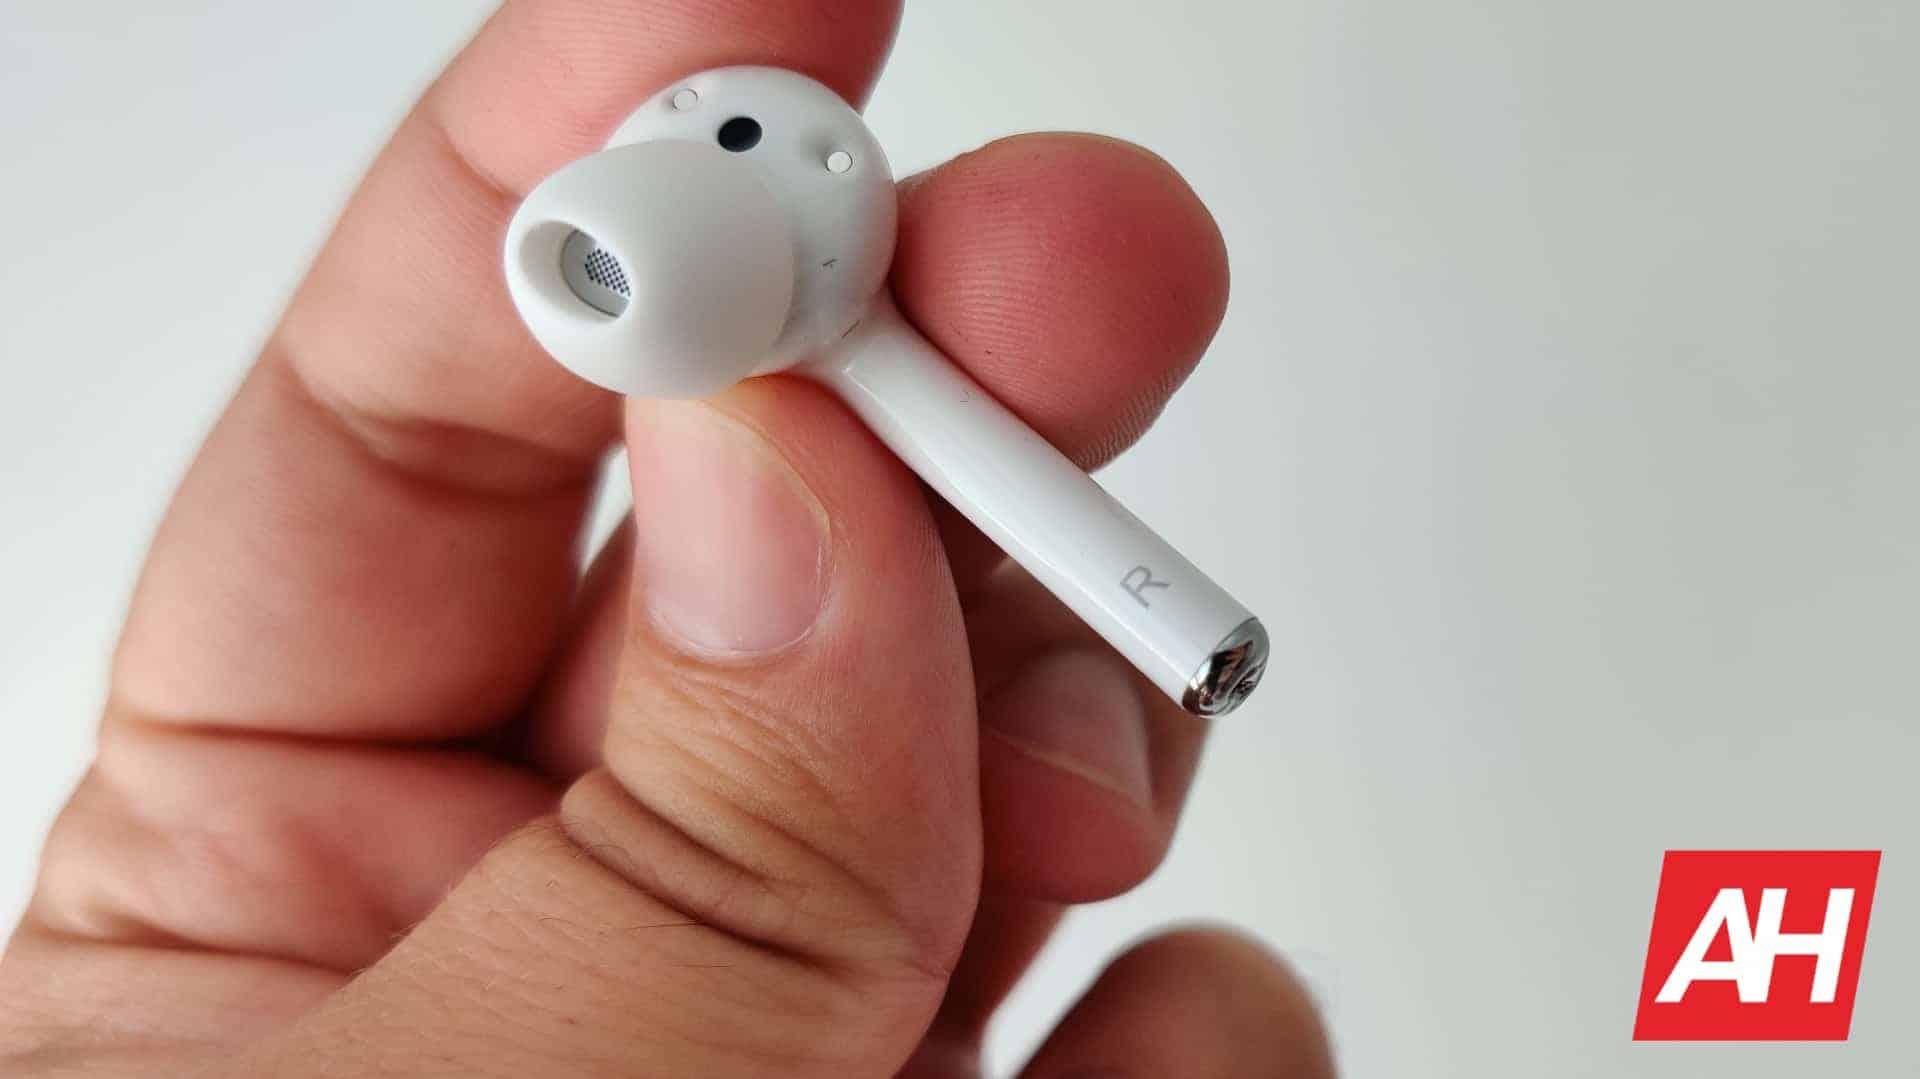 AH HONOR Magic Earbuds image 13